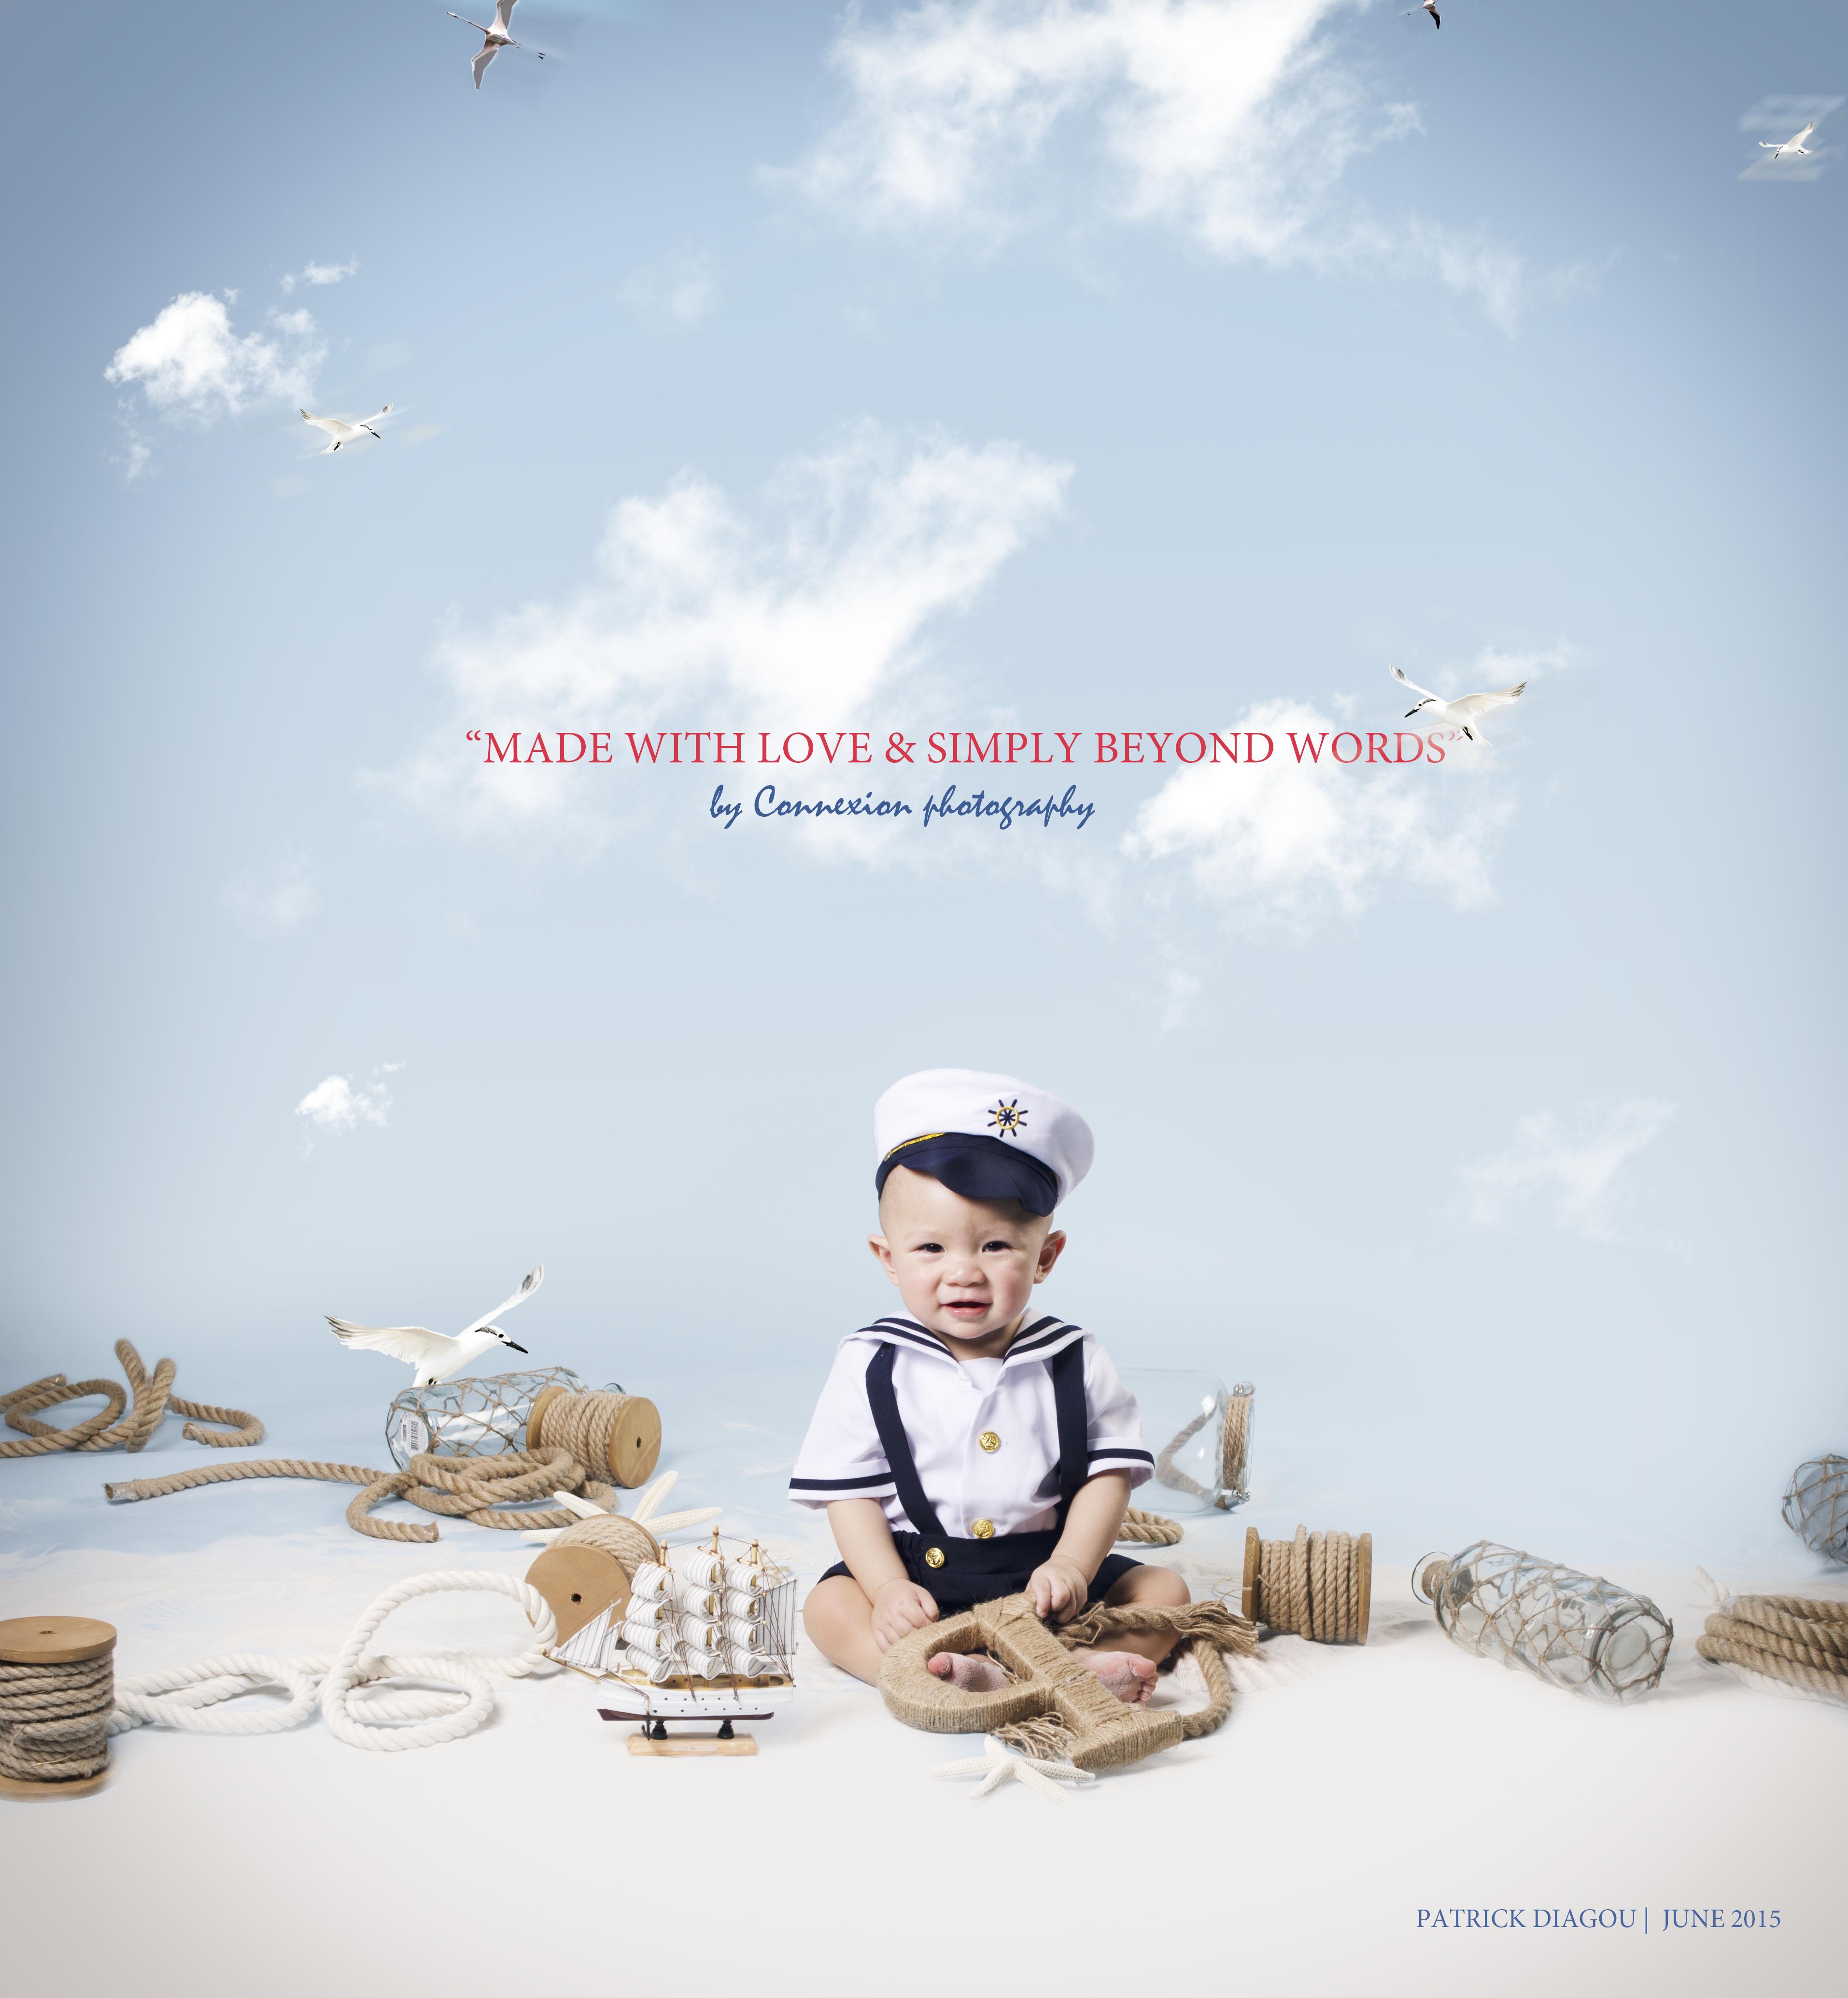 Enfant assis sol en tenue de marin